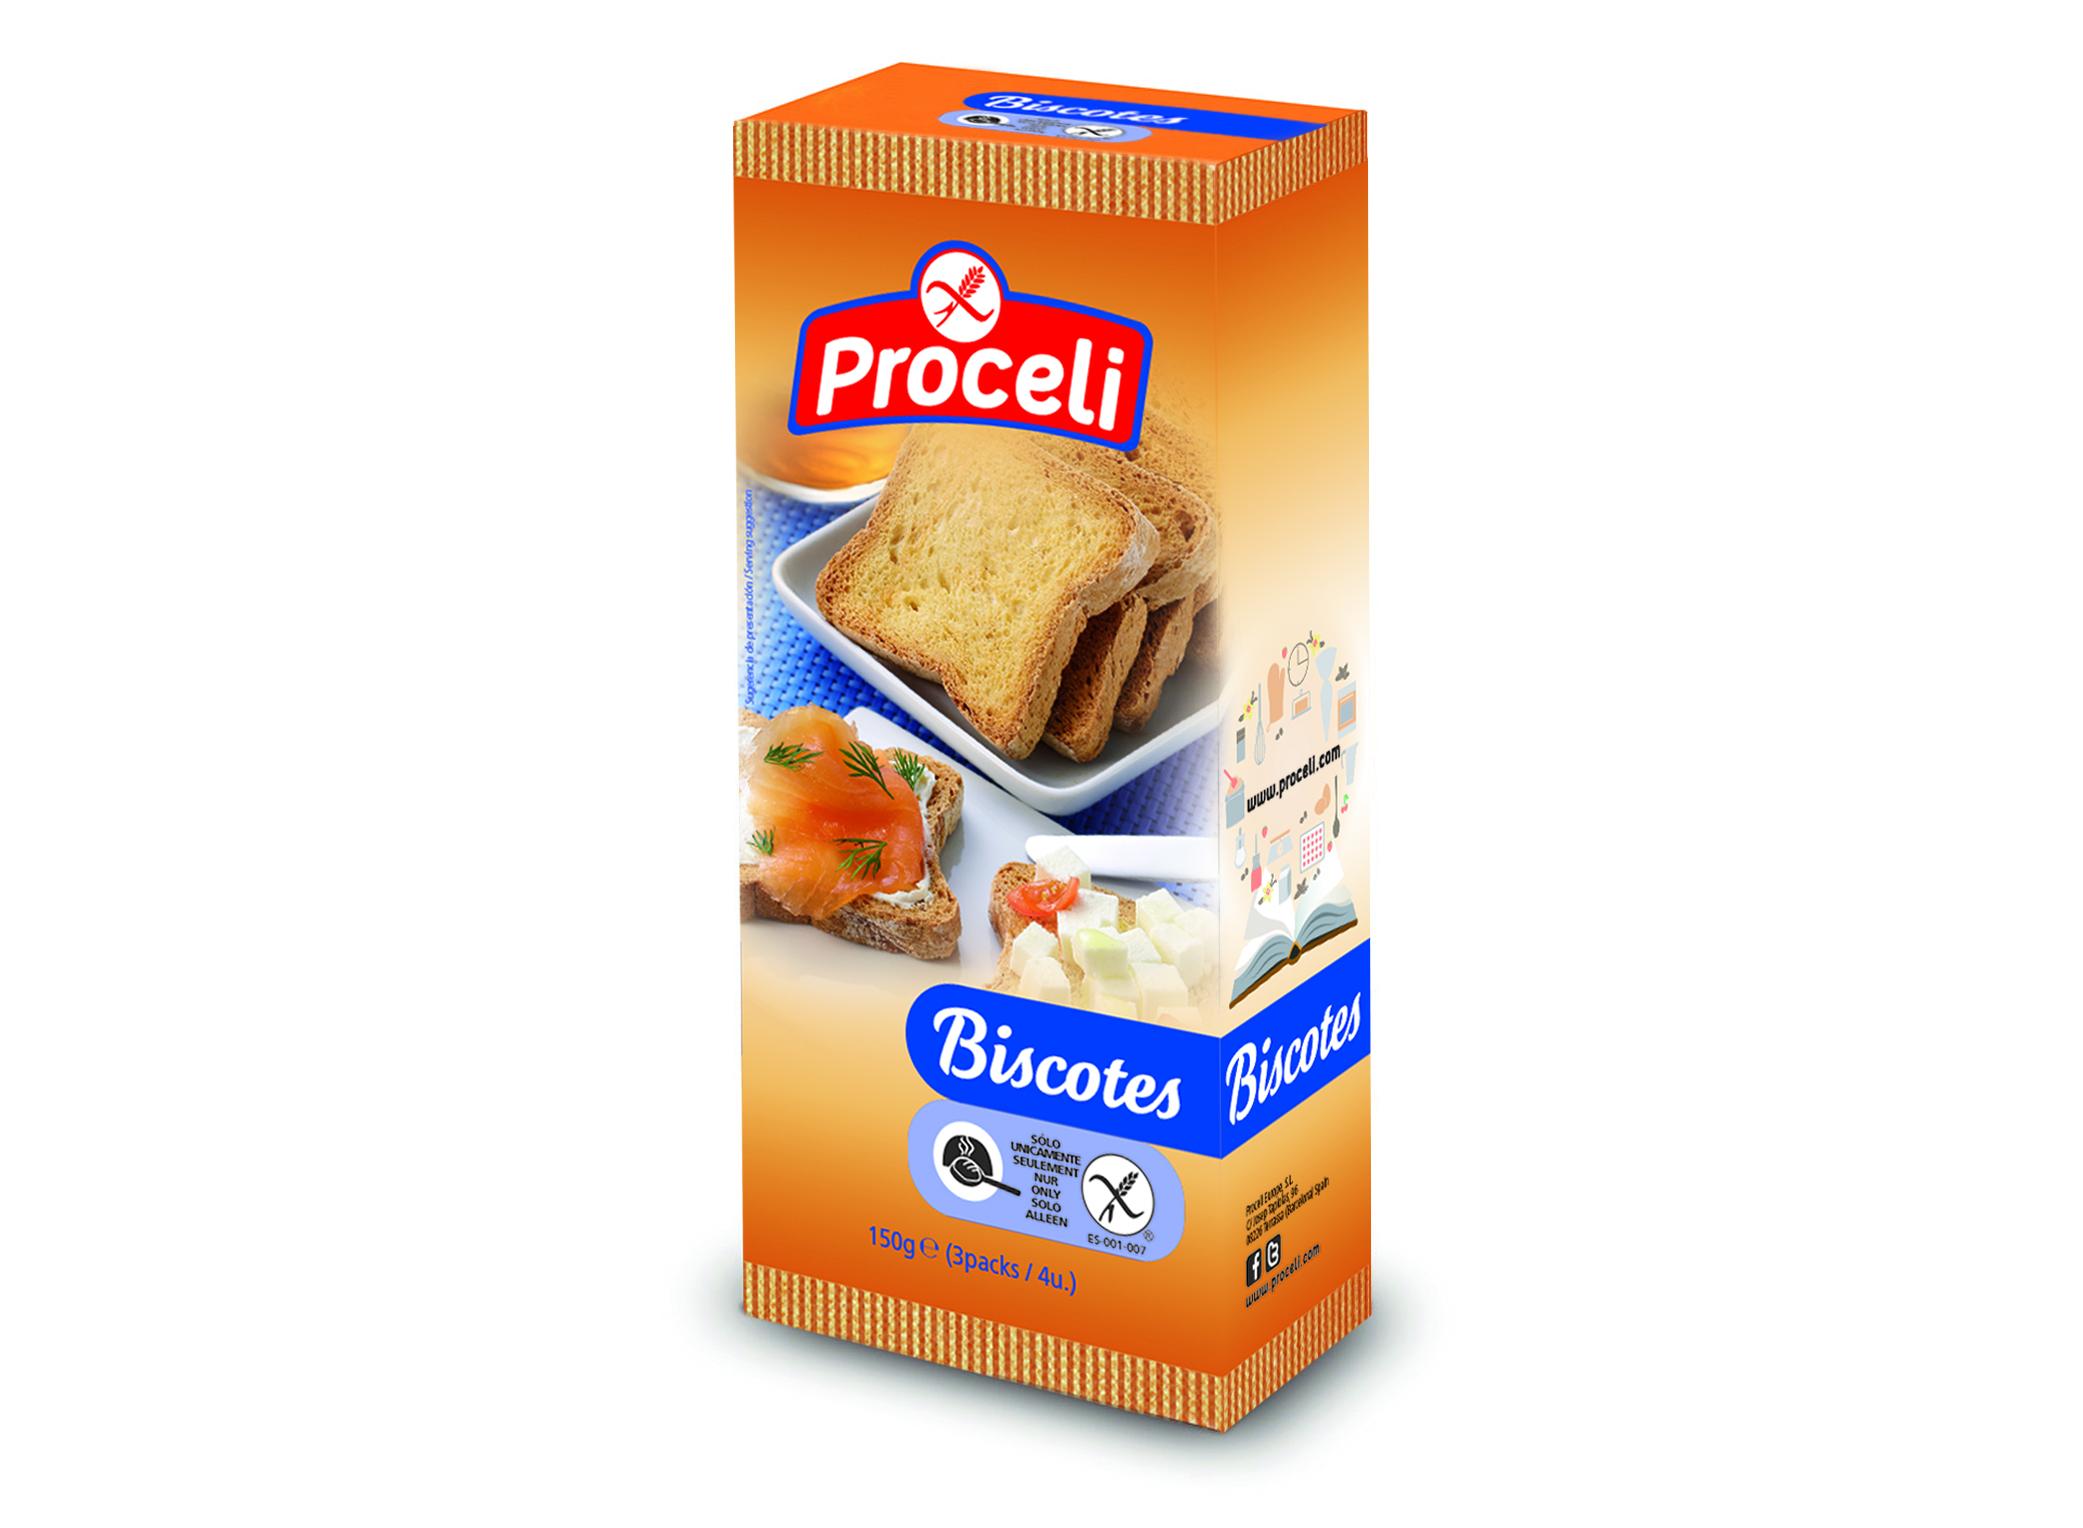 Biscotes gluten-free from Proceli